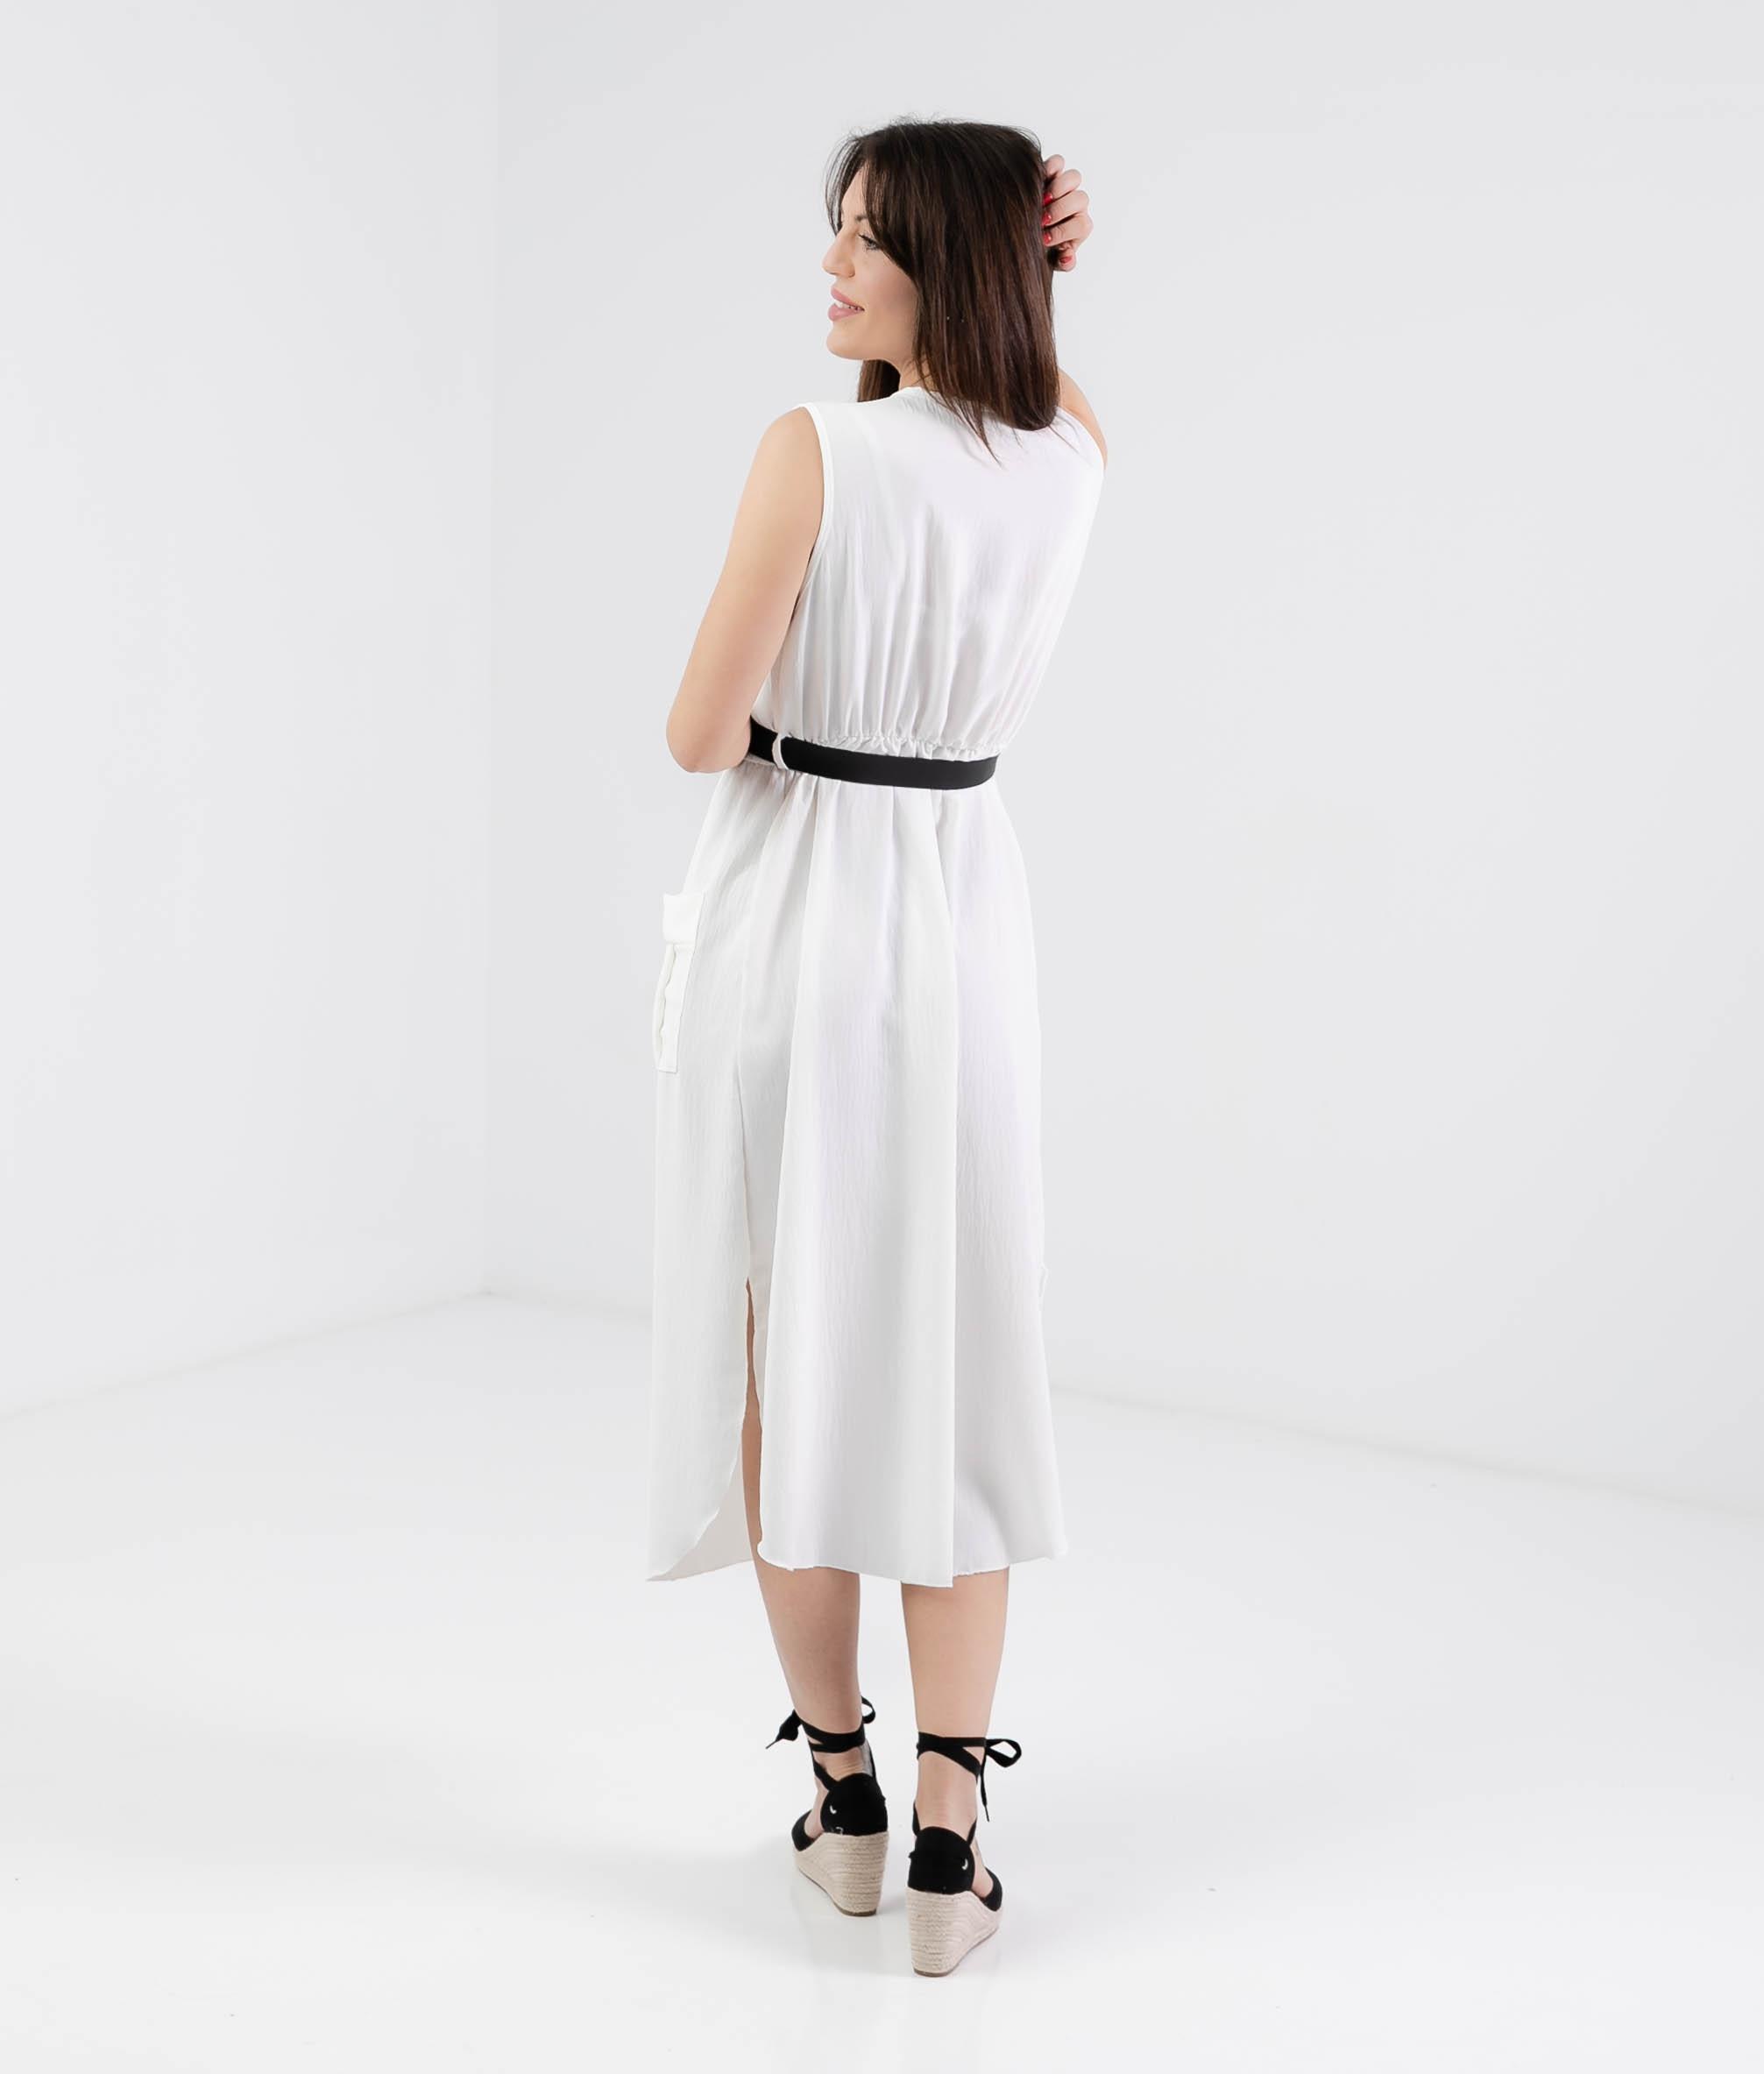 Vestido Tichen - Branco